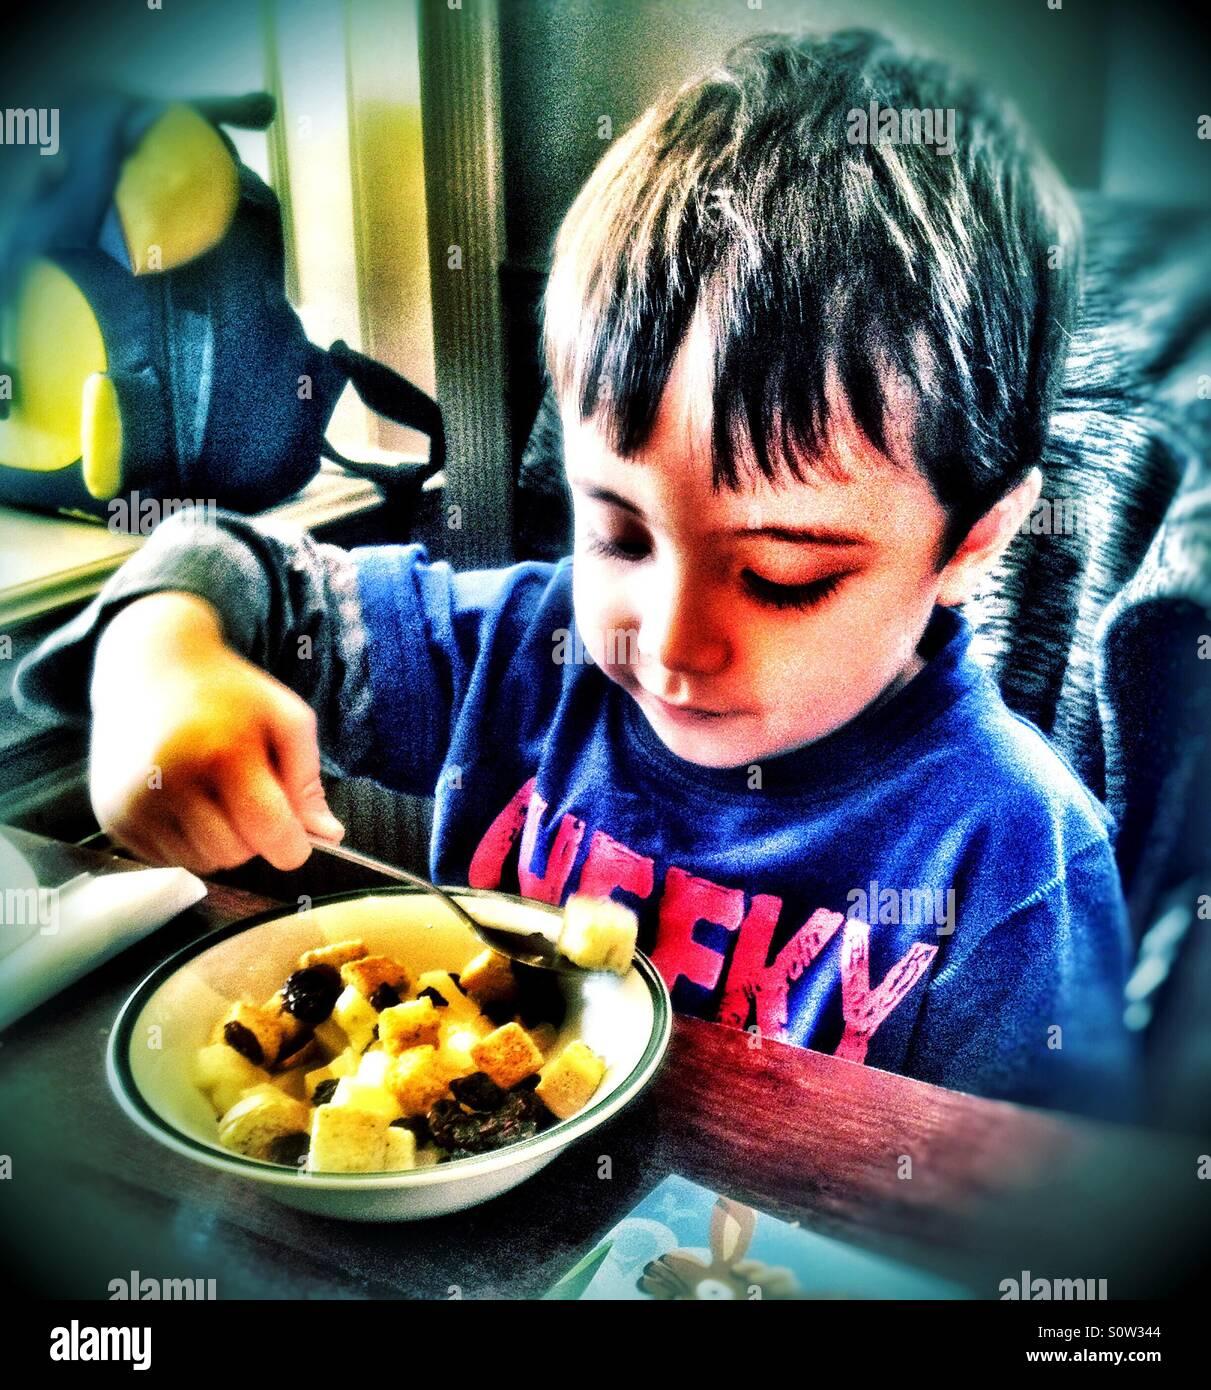 Un jeune garçon mangeant une salade d'ananas, le maïs, les raisins secs et les croûtons. Photo Stock